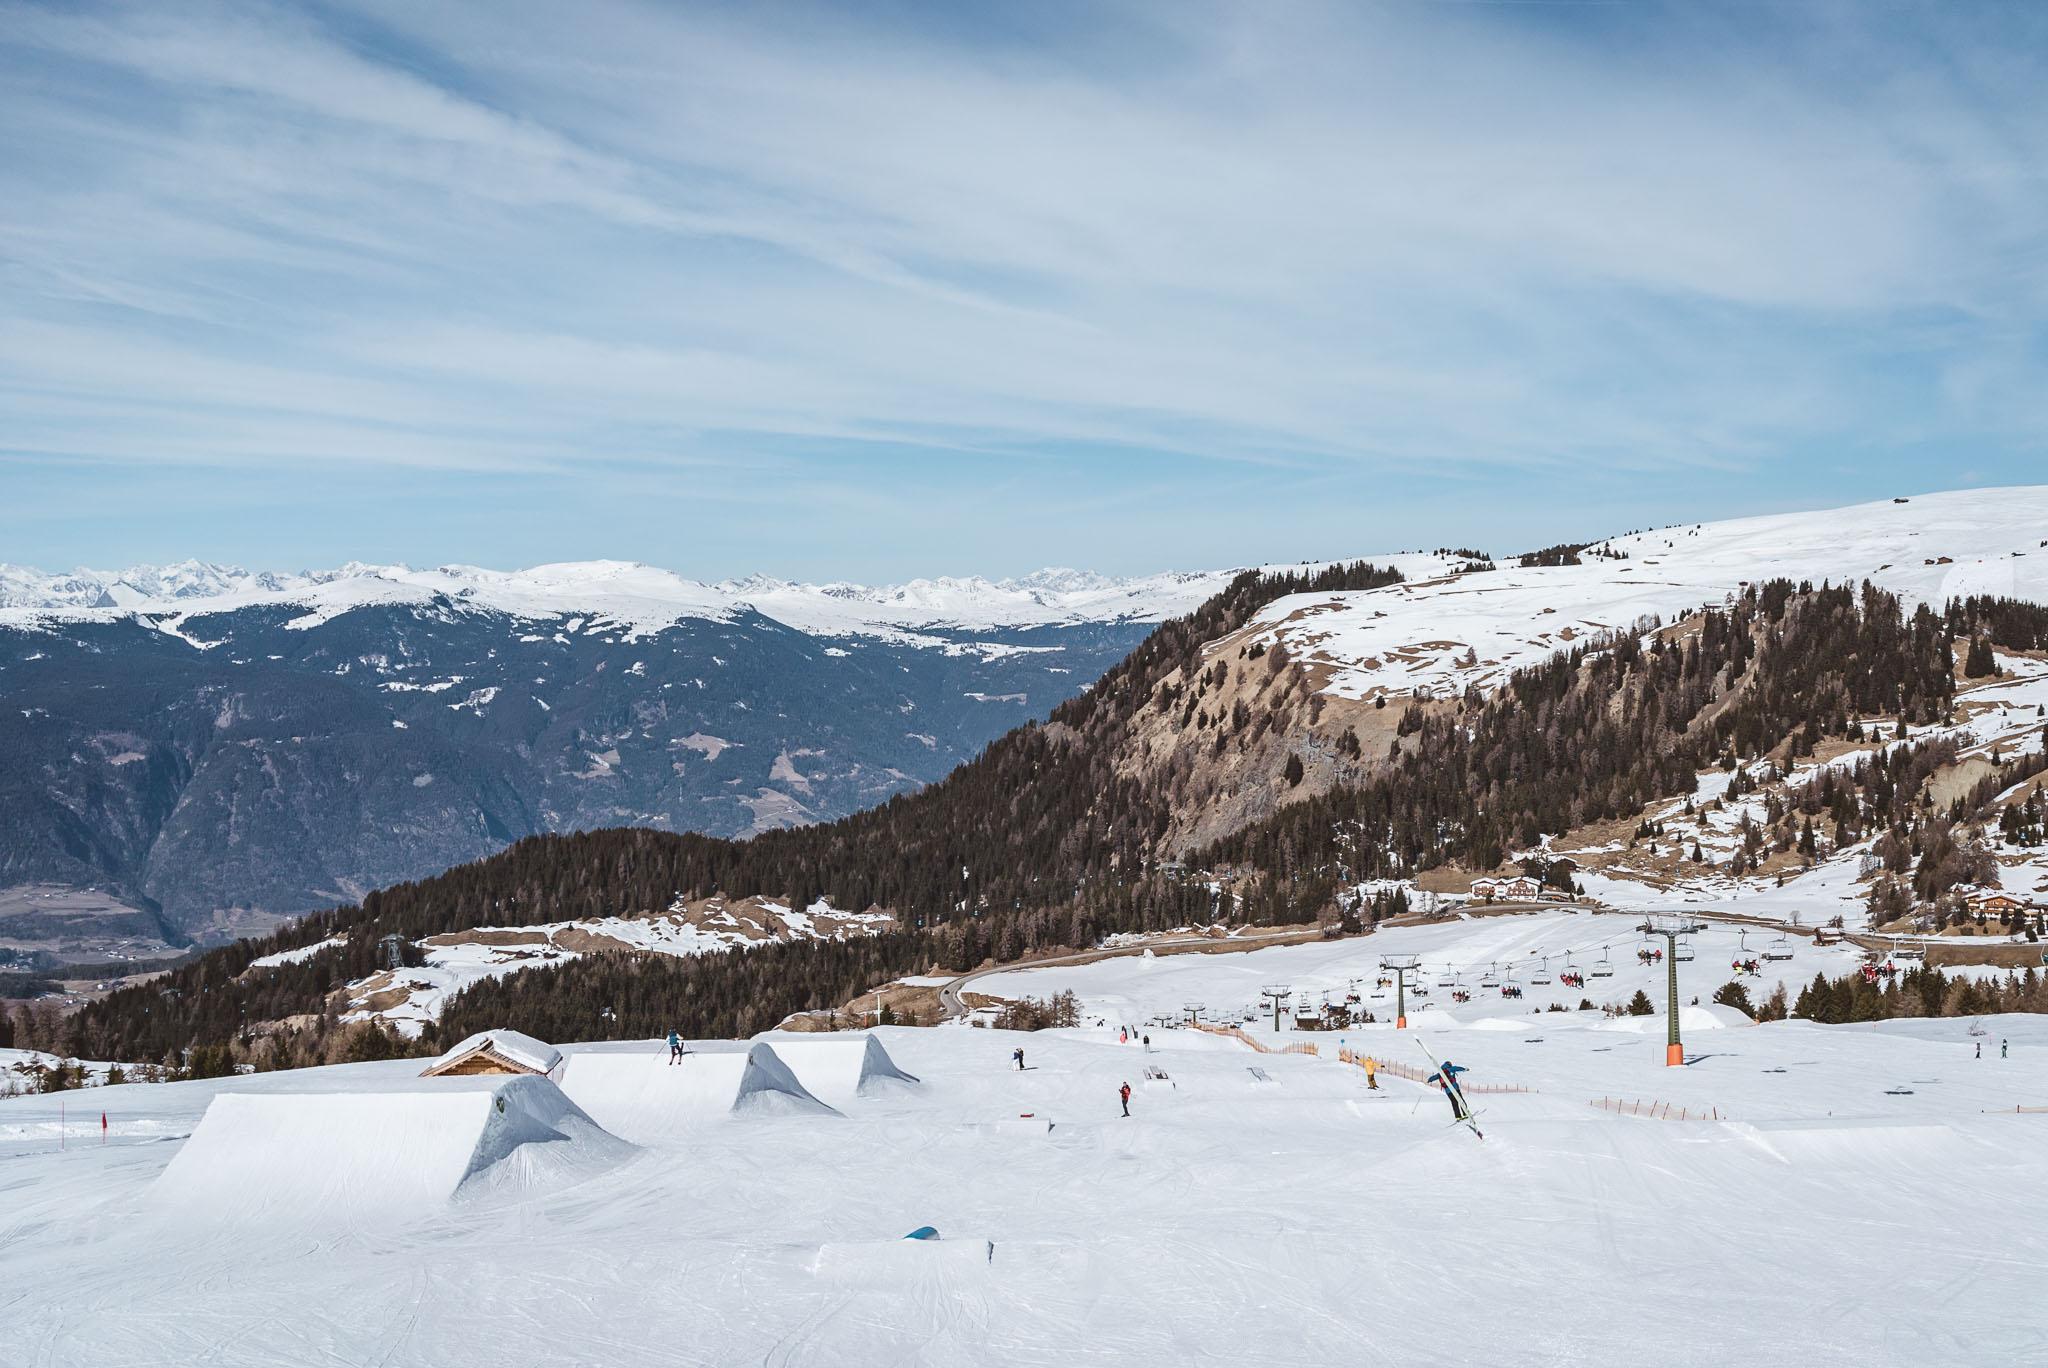 Hinter dem nächsten Hügel verbirgt sich dieses Segment des Parks: links einige Medium Jumps, rechts weitere Medium sowie Easy Obstacles.